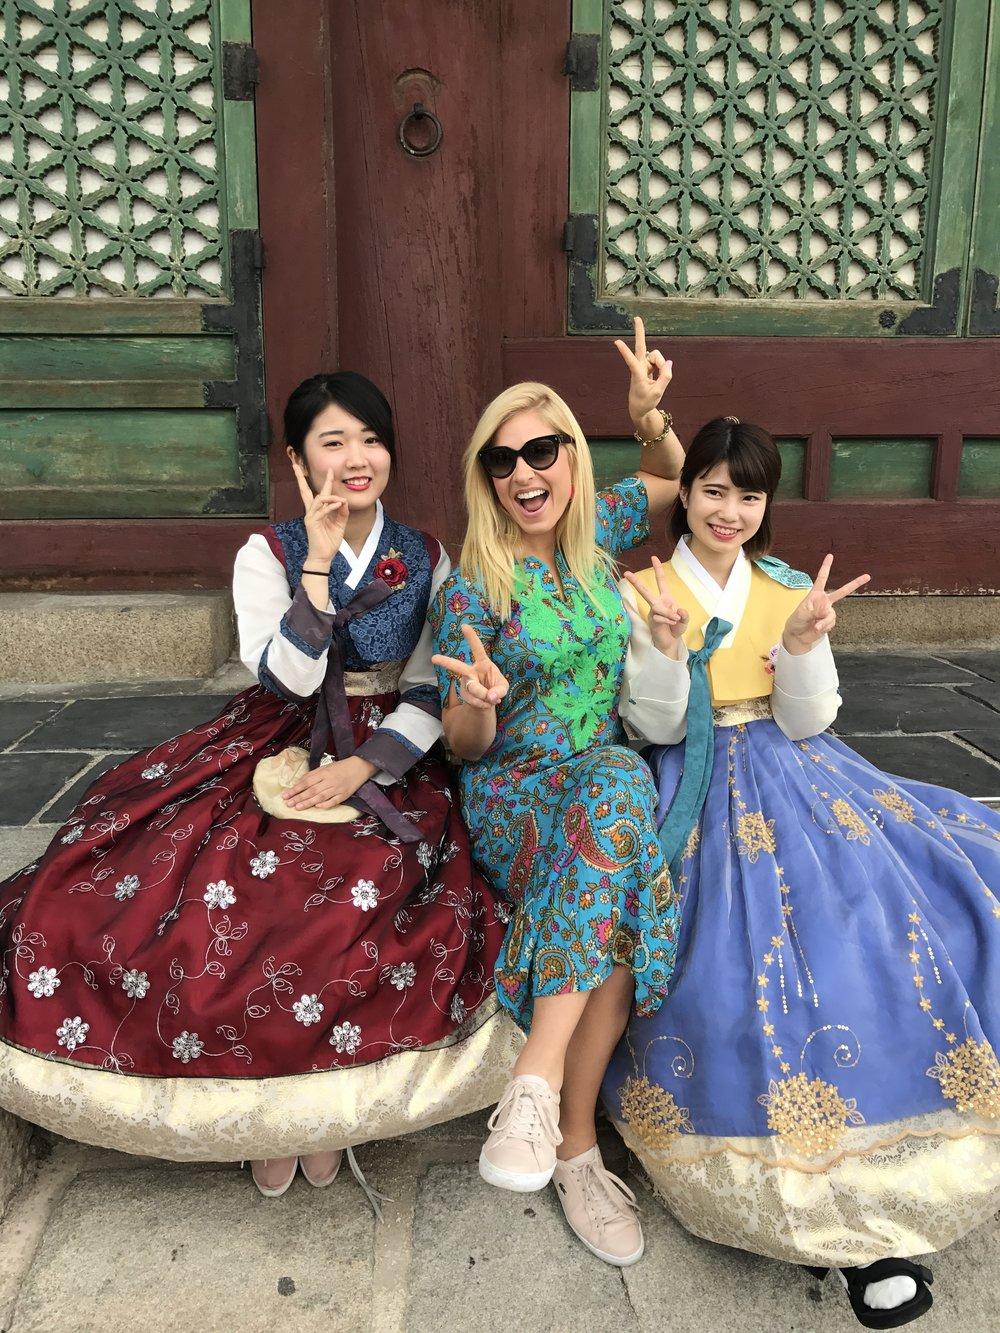 beijing seoul tokyo anna kooiman fitness travel lifestyle fashion asia adventure